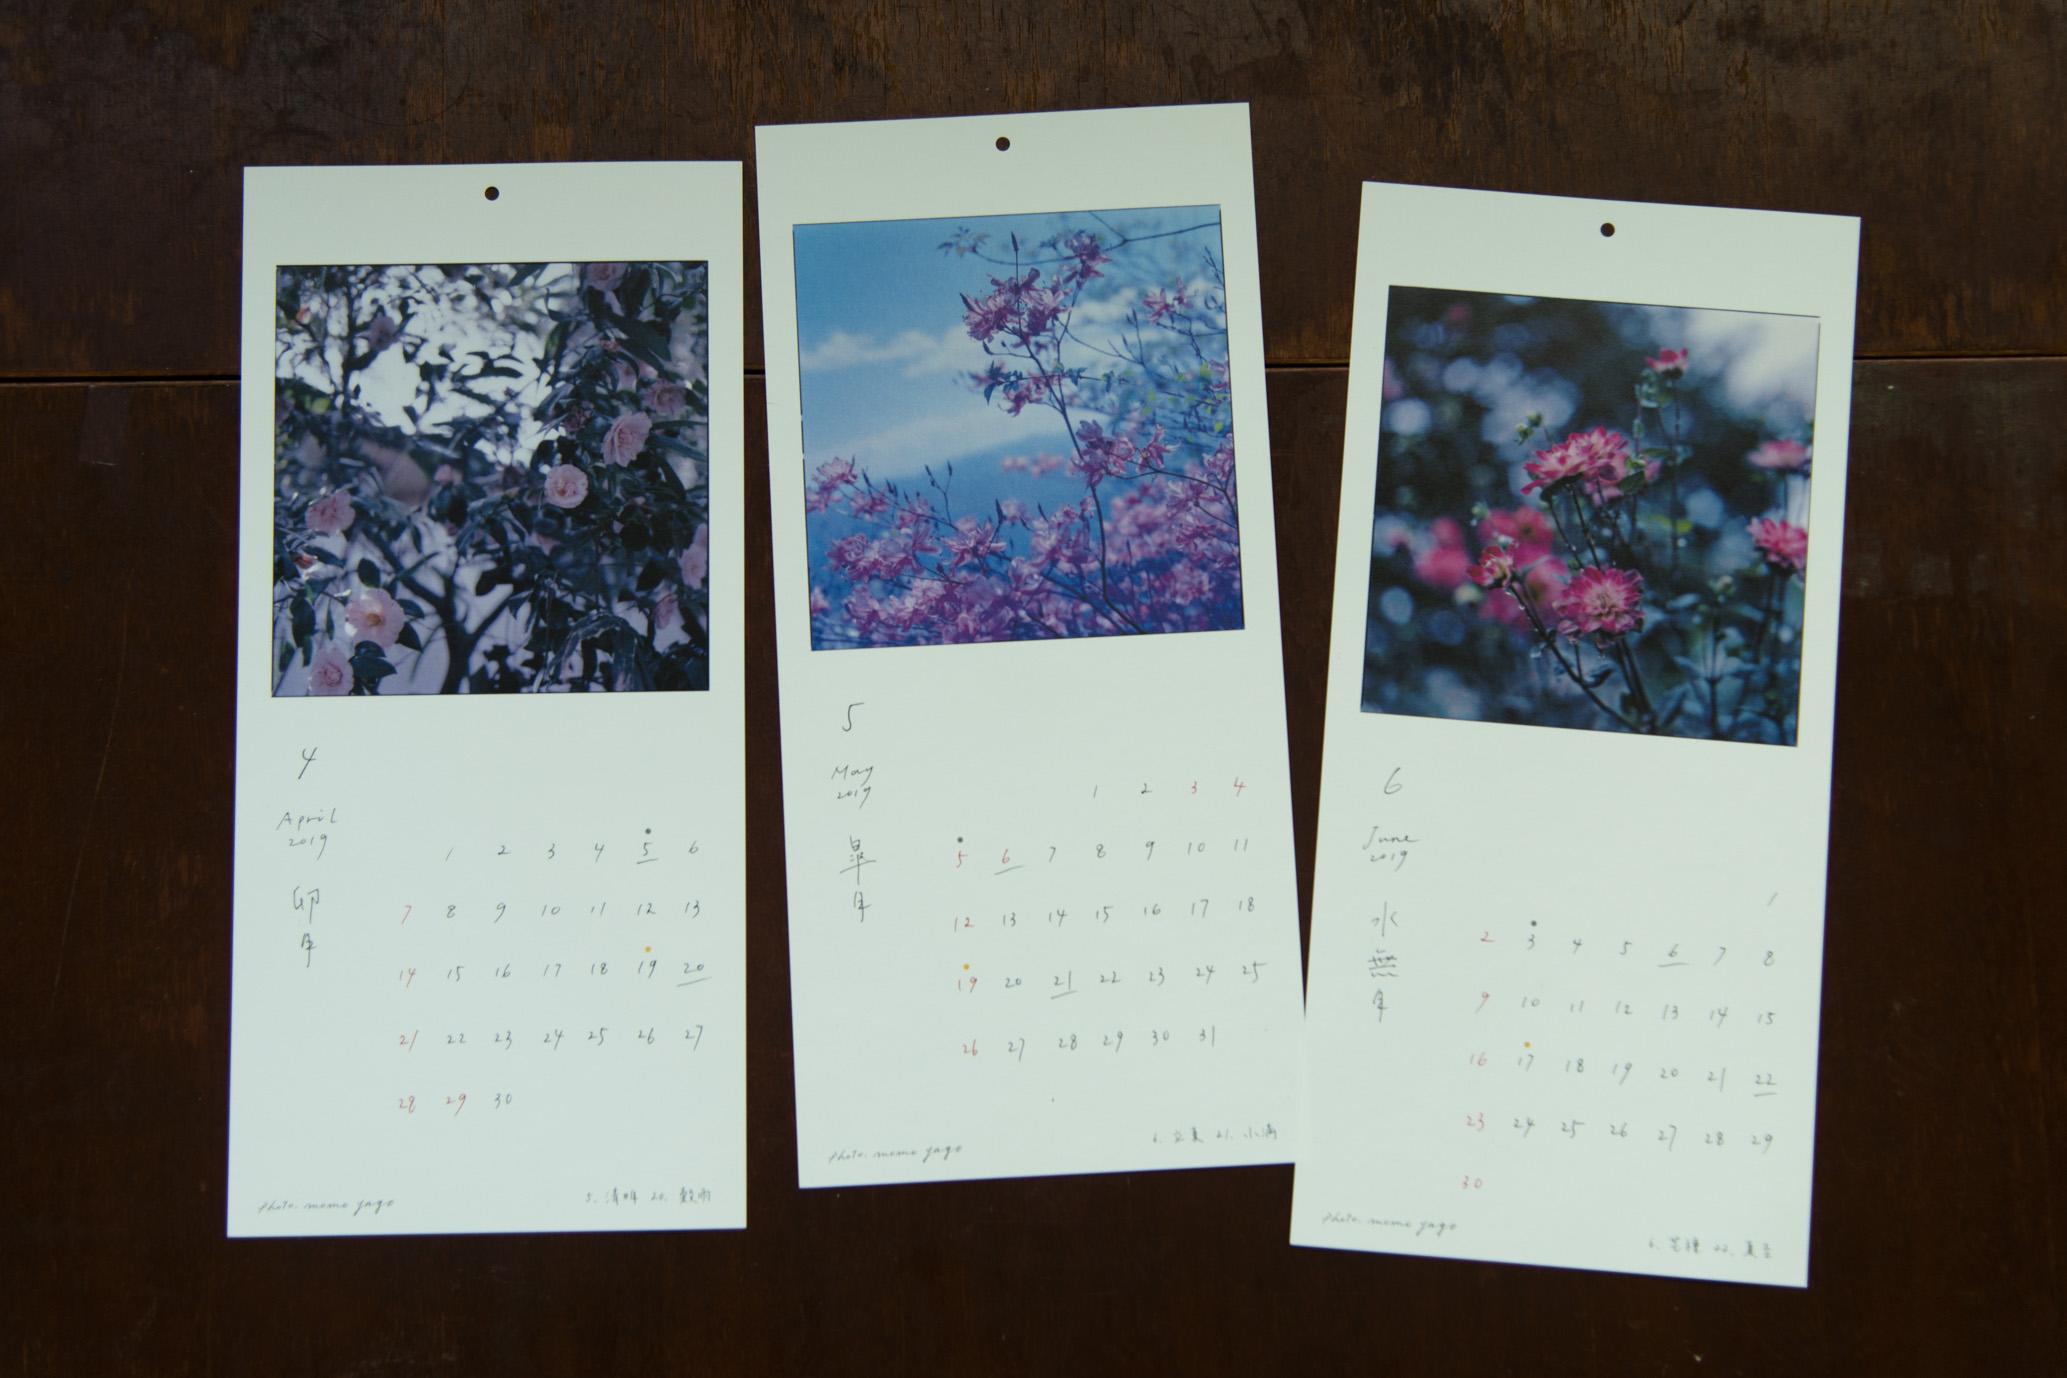 四月:ツバキ 五月:ヤマツツジ 六月:ダリア